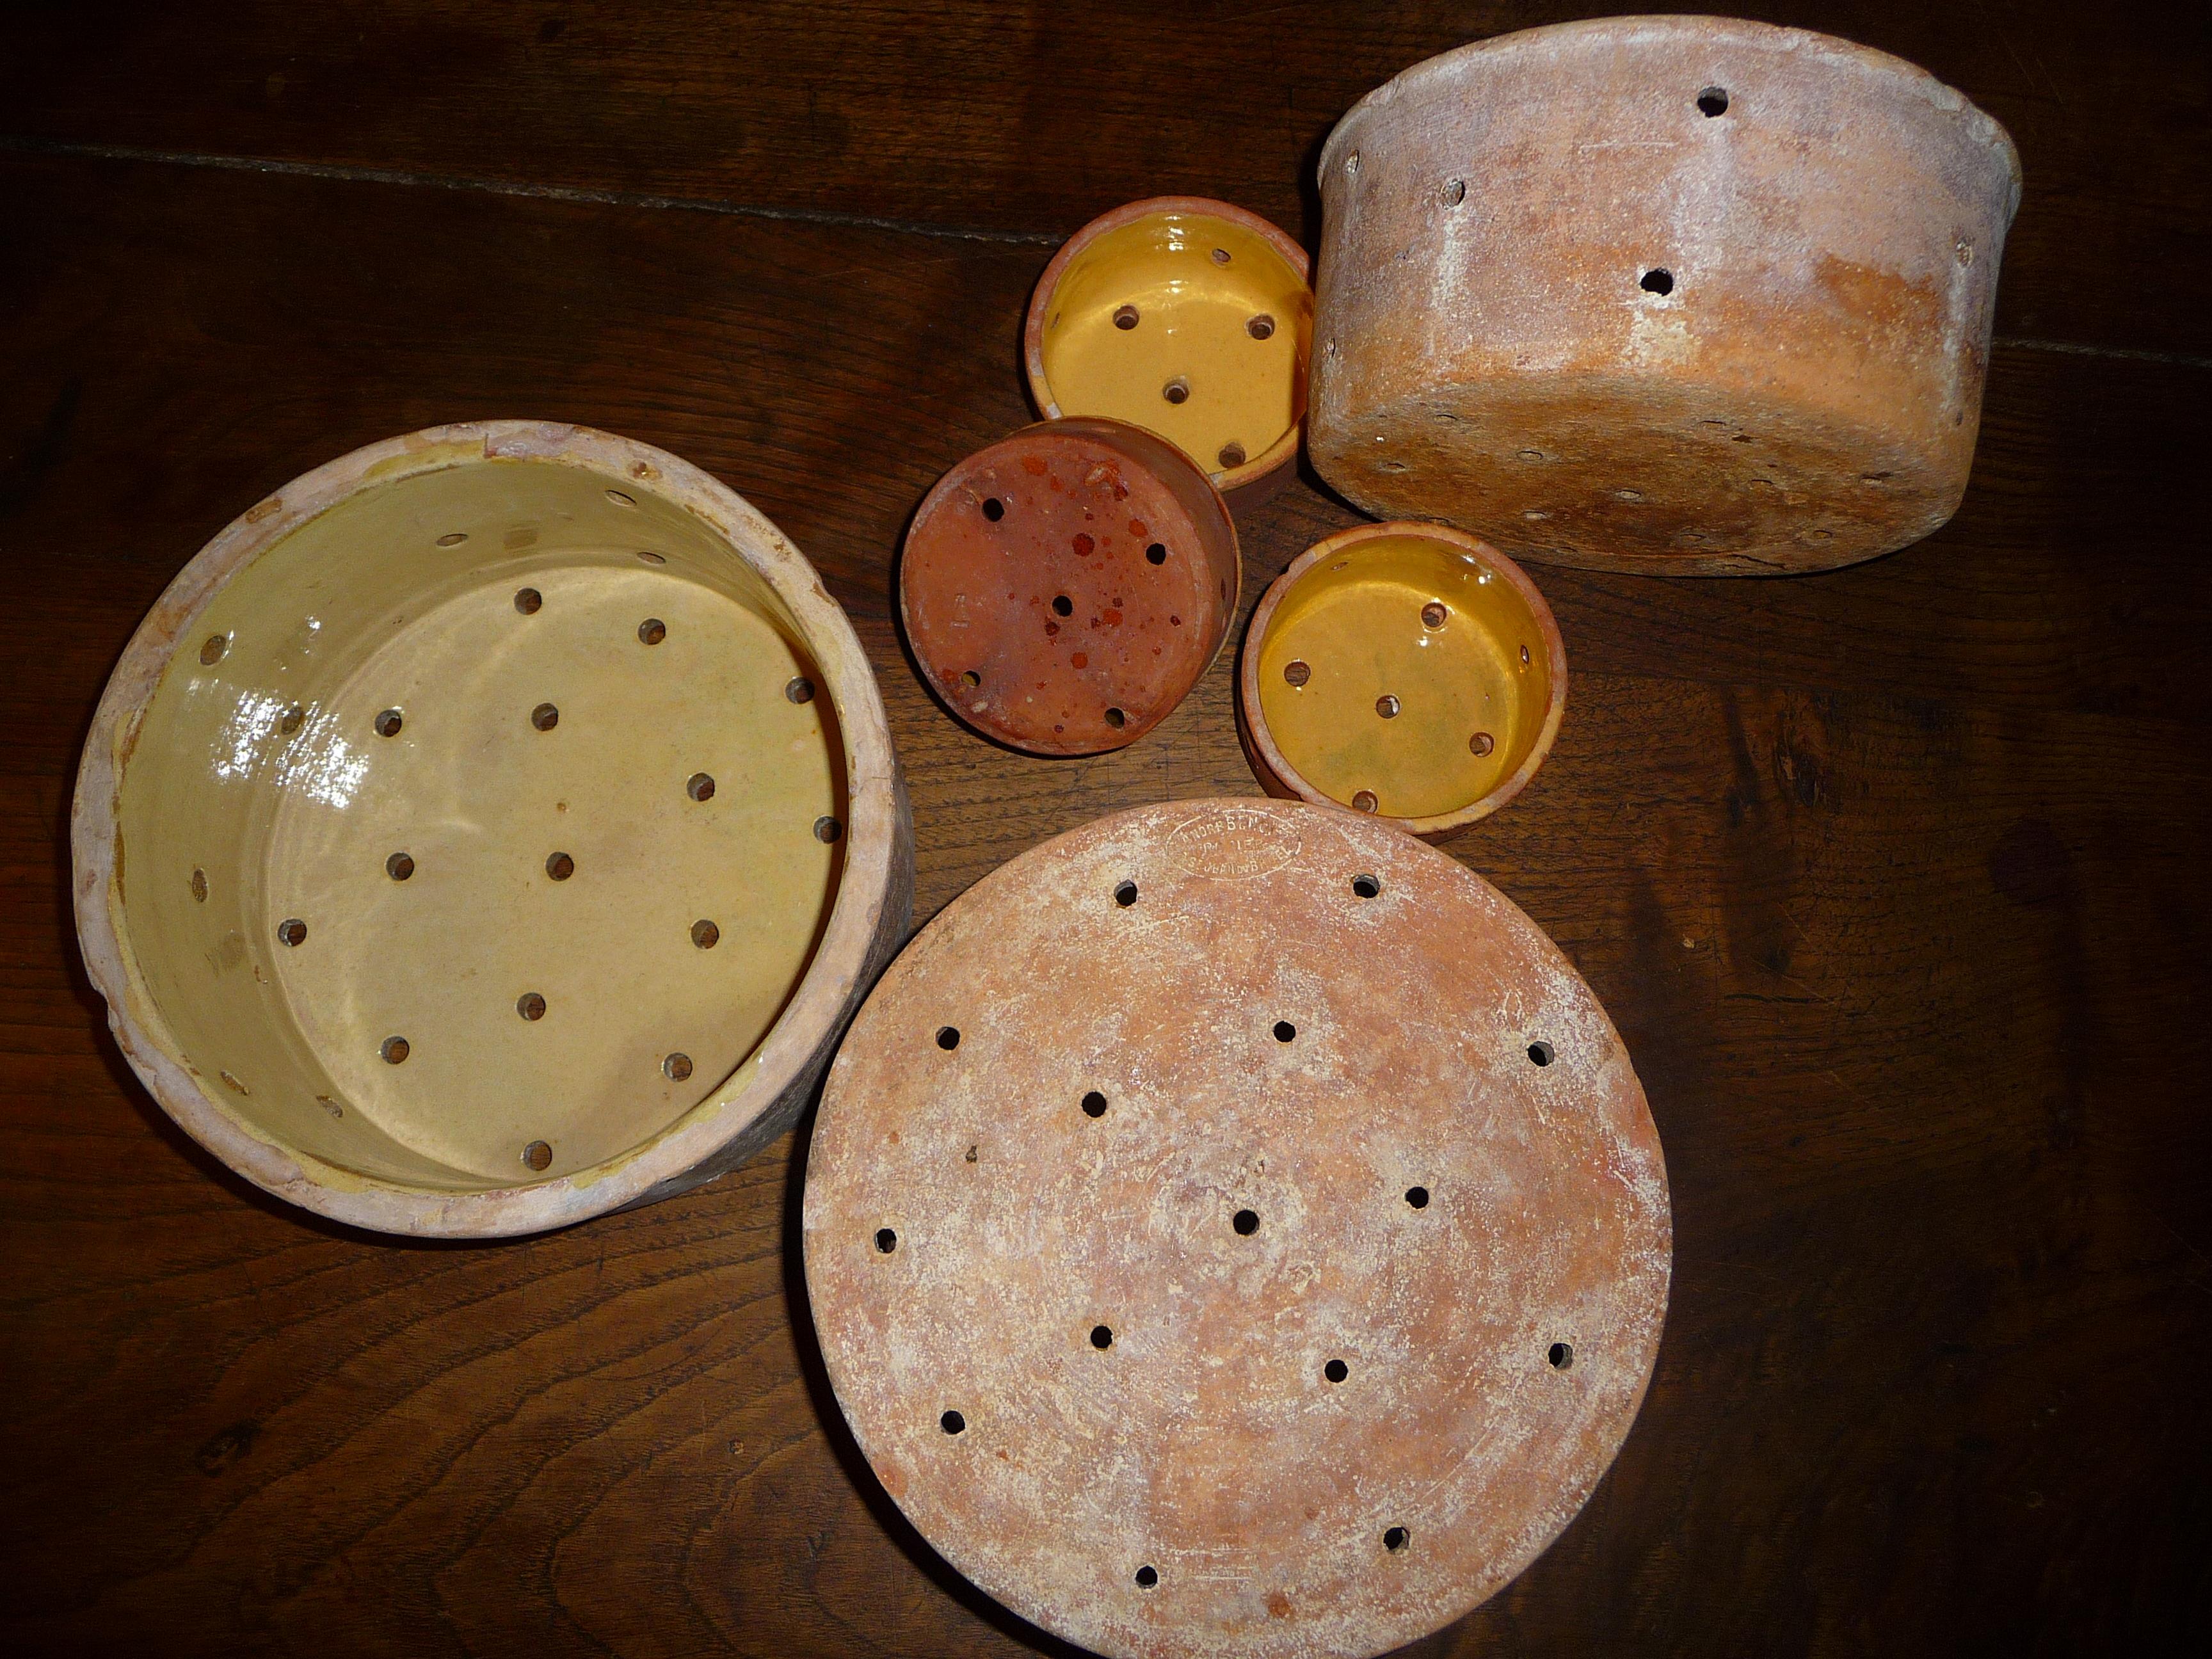 Vieux moules (faisselles) en terre cuite fabriqués à Saint-Jean-du-Bruel pour du fromage de brebis: Pérail de ferme et Roquefort.